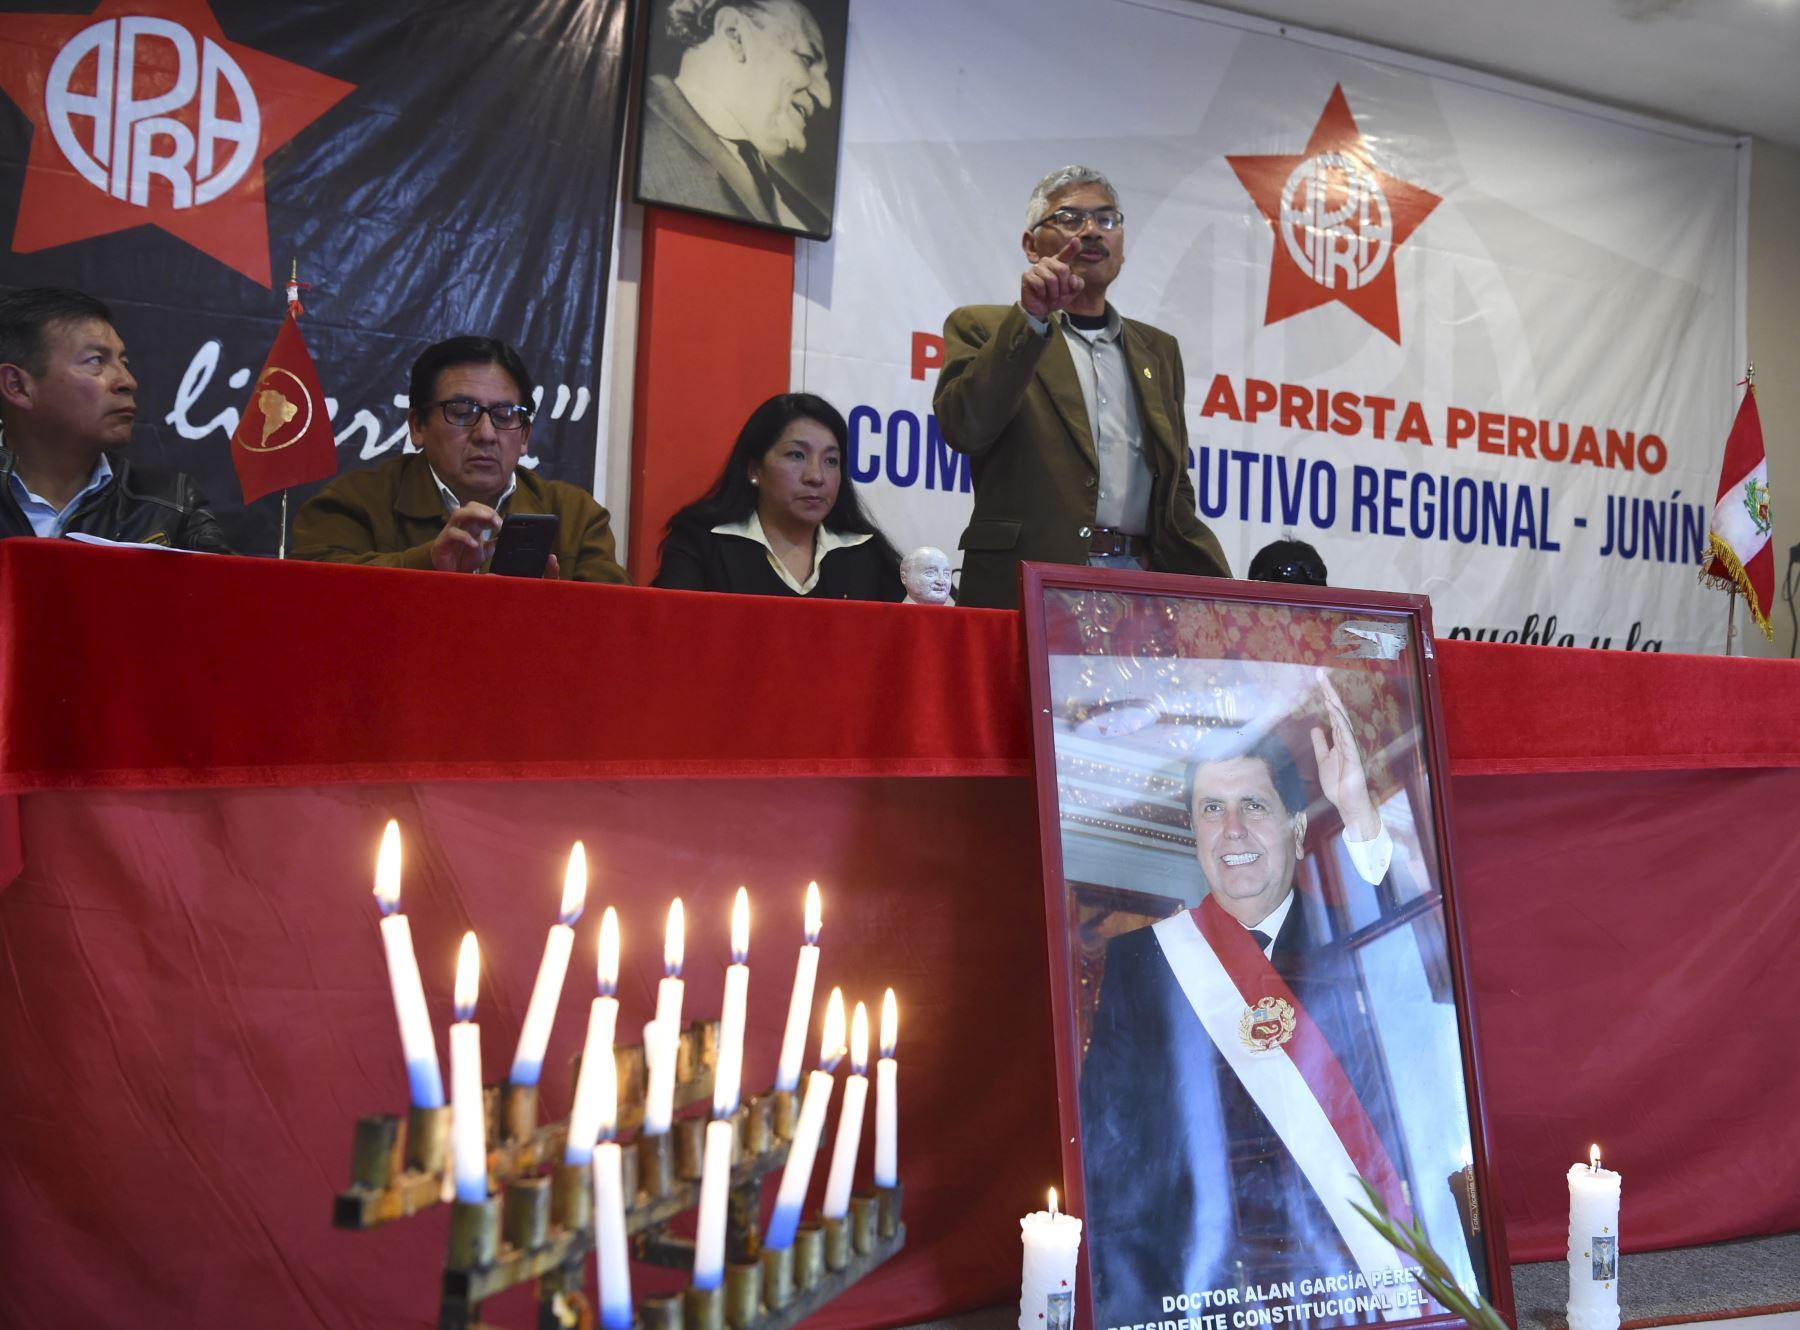 Los partidarios del ex presidente peruano Alan García participan en un servicio conmemorativo en la sede de la Alianza Popular Revolucionaria Americana (APRA) en la ciudad andina de Huancayo, 350 kilómetros al este de Lima, luego de enterarse de que murió el 17 de abril de 2019 después de suicidarse.  Foto:AFP